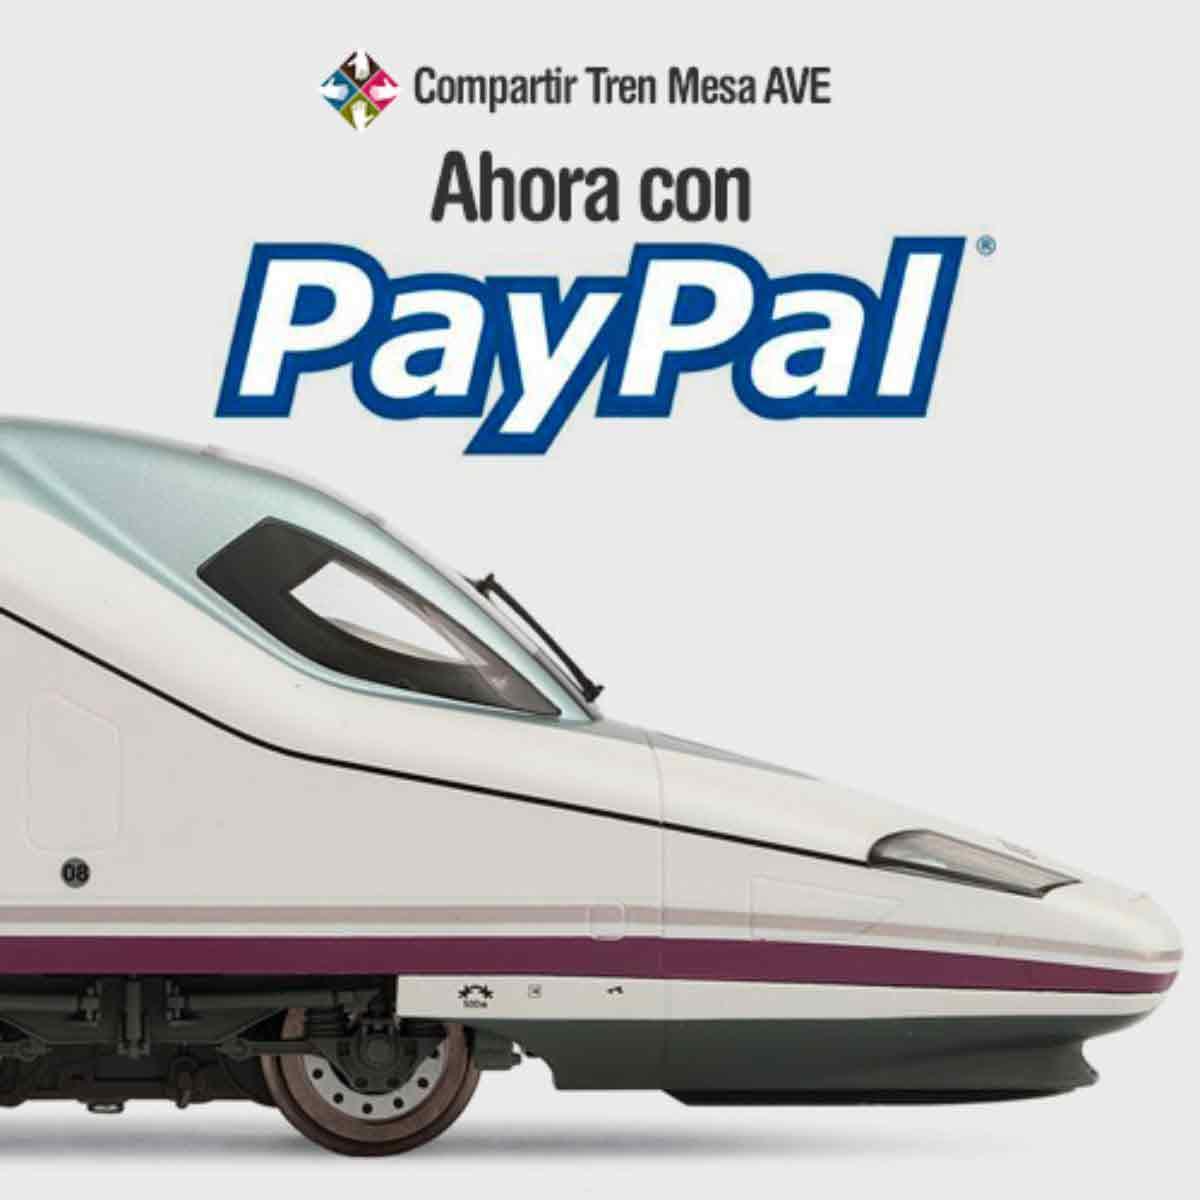 Te explicamos cómo pagar con Paypal los billetes del AVE